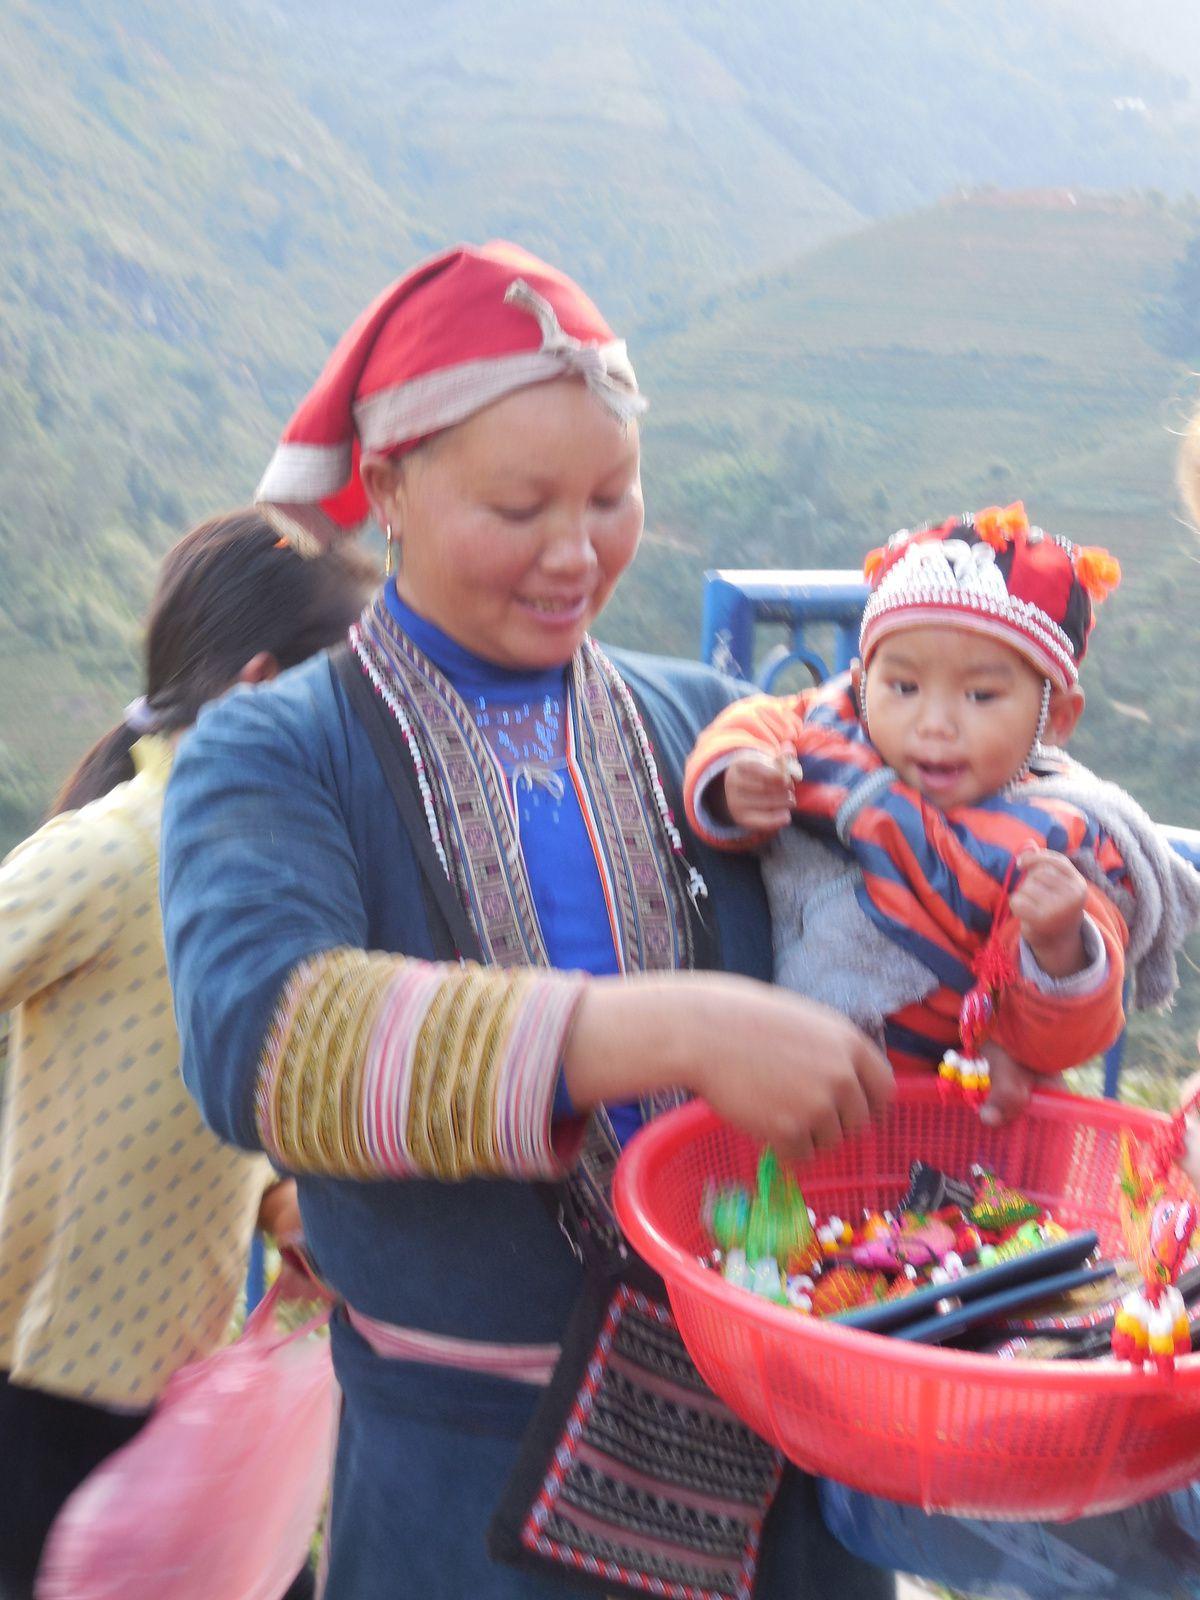 Première ethnie rencontrée,...et premières sollicitations afin d'acheter les produits artisanaux ou supposés tels...